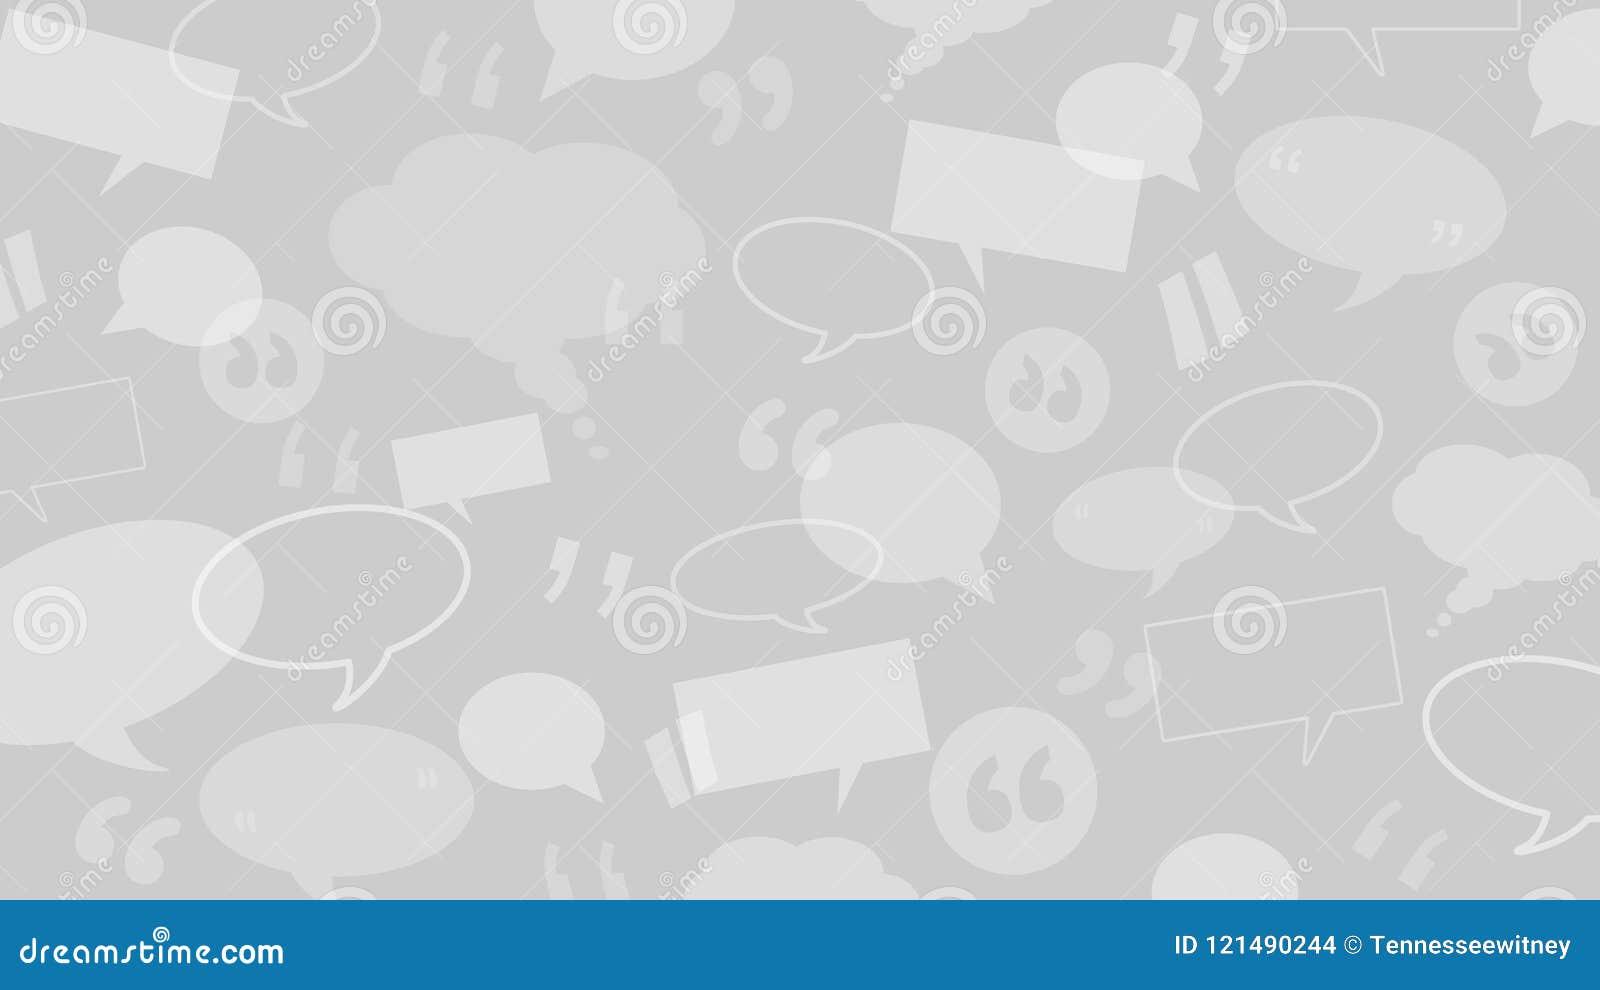 Las burbujas del discurso y del pensamiento con cita marcan conveniente como ejemplo del fondo para los certificados del cliente/